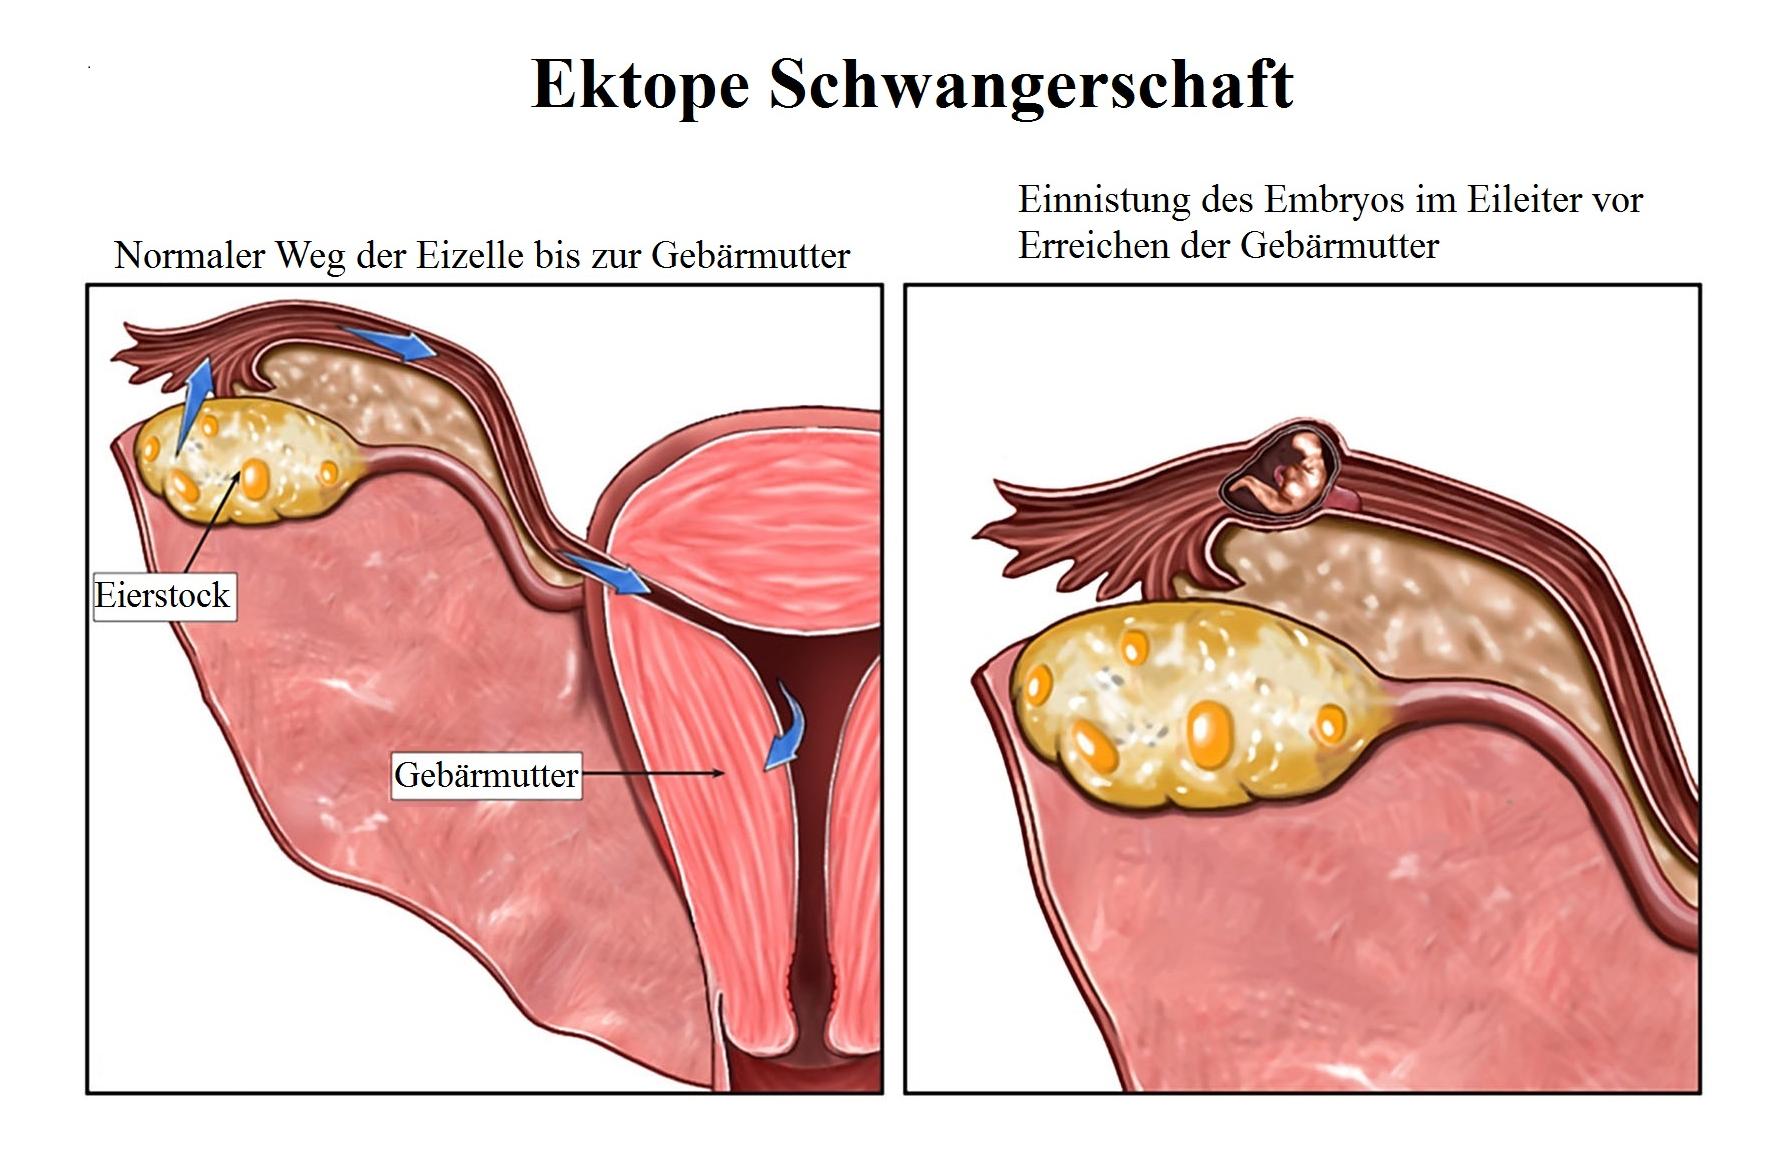 Ektope Schwangerschaft